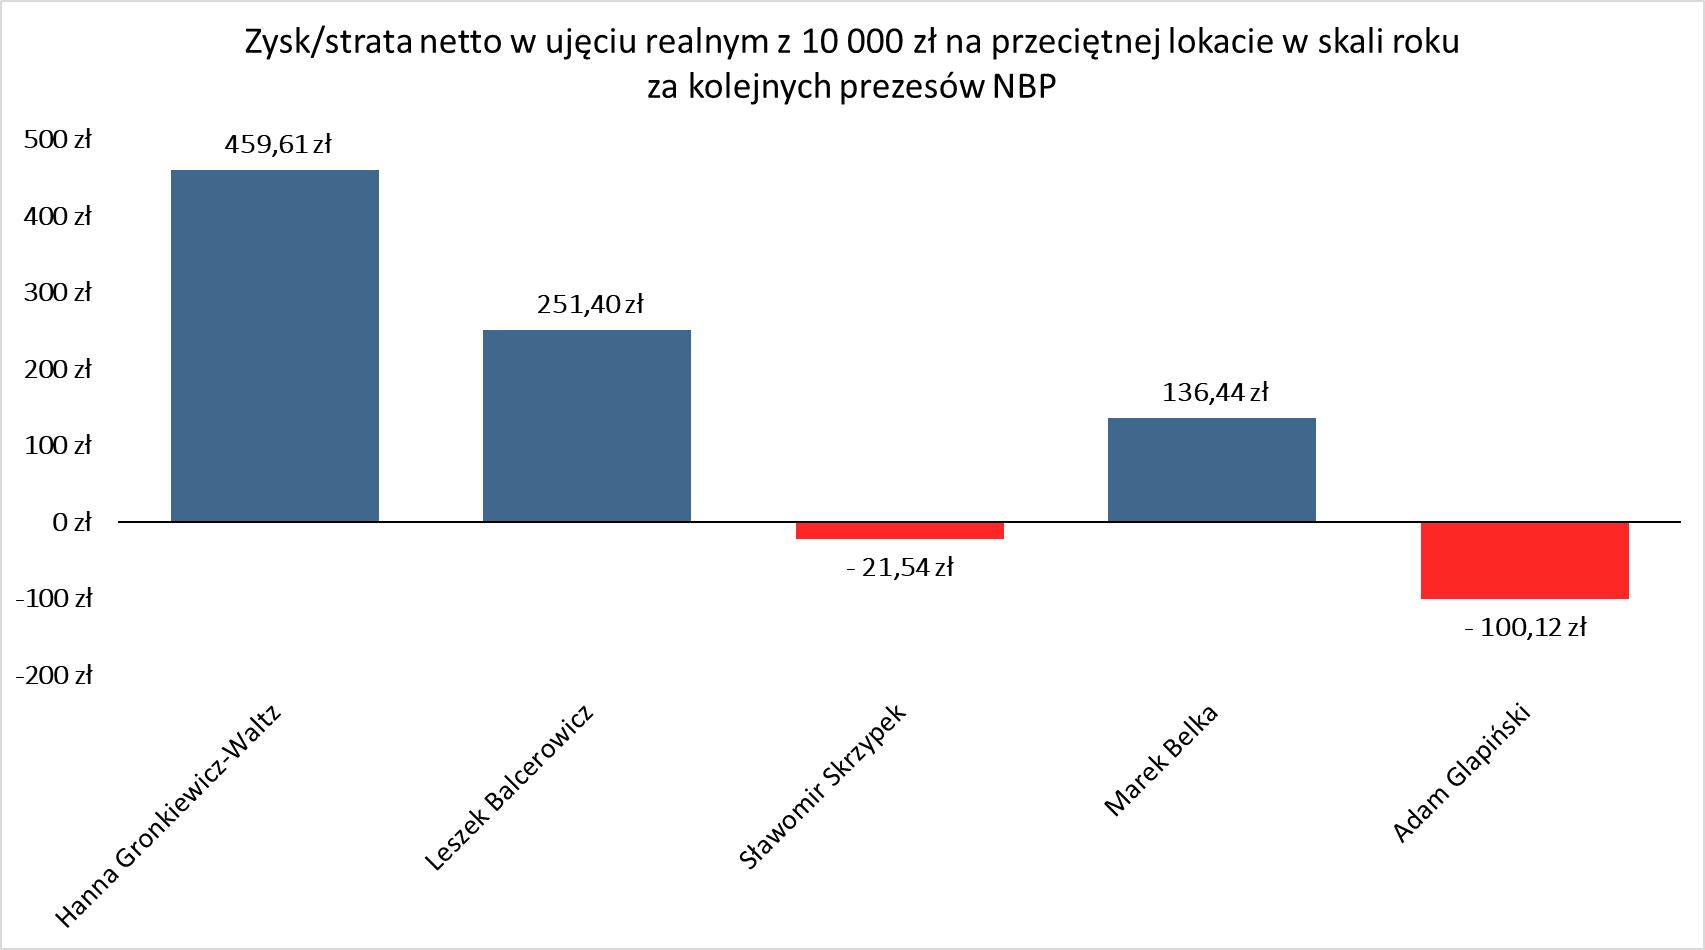 Dane dostępne od stycznia 1997 roku; od stycznia 2004 roku dane publikowane według nowej metodyki Źródło: Opracowanie własne FOR na podstawie danych NBP i GUS